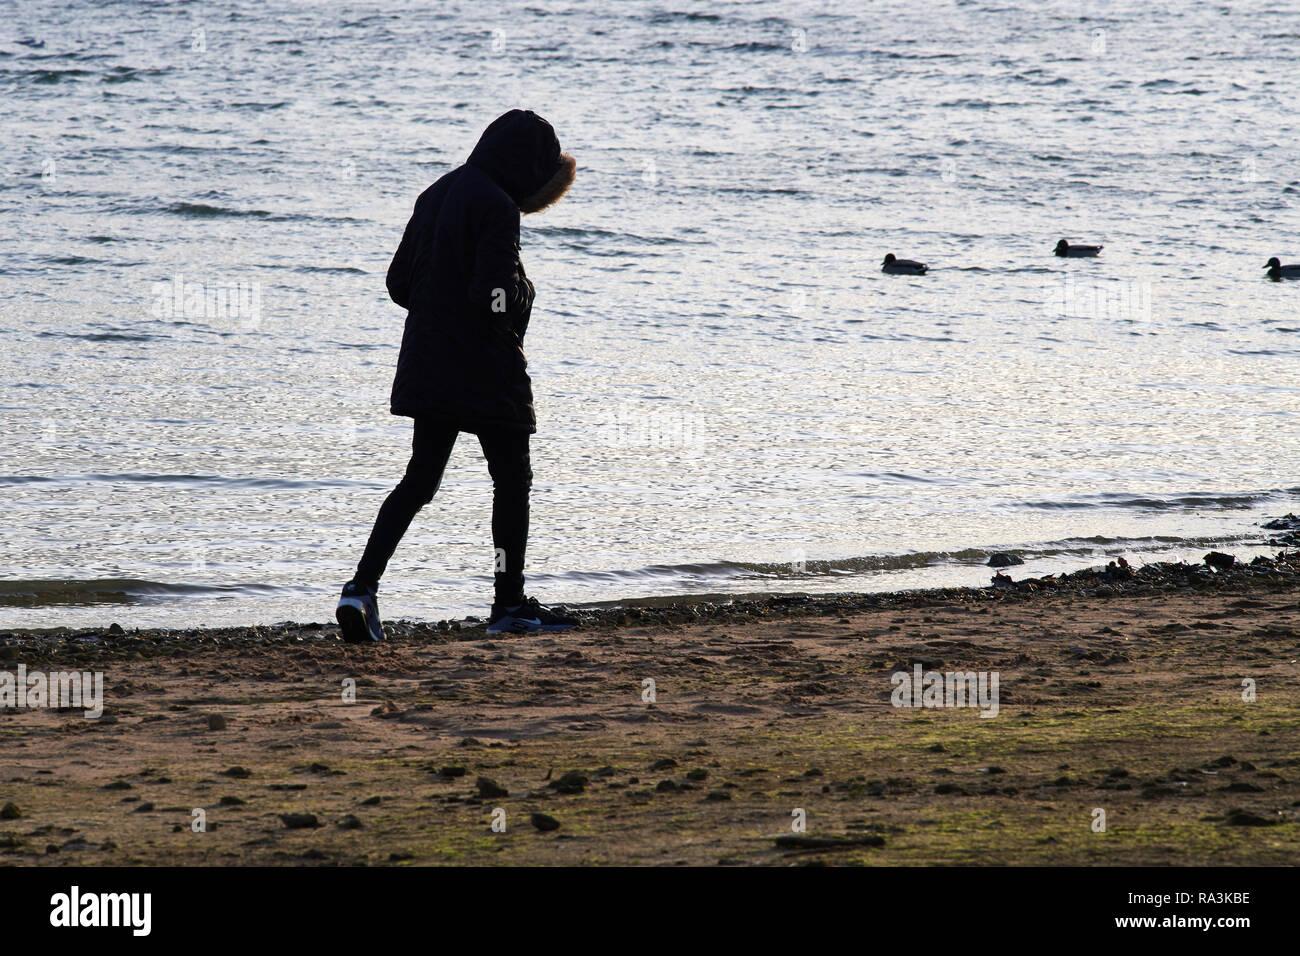 Una persona solitaria camina a lo largo de la orilla de un lago, con la cabeza inclinada y las manos bajas en el bolsillo en un frío día de invierno. Imagen De Stock